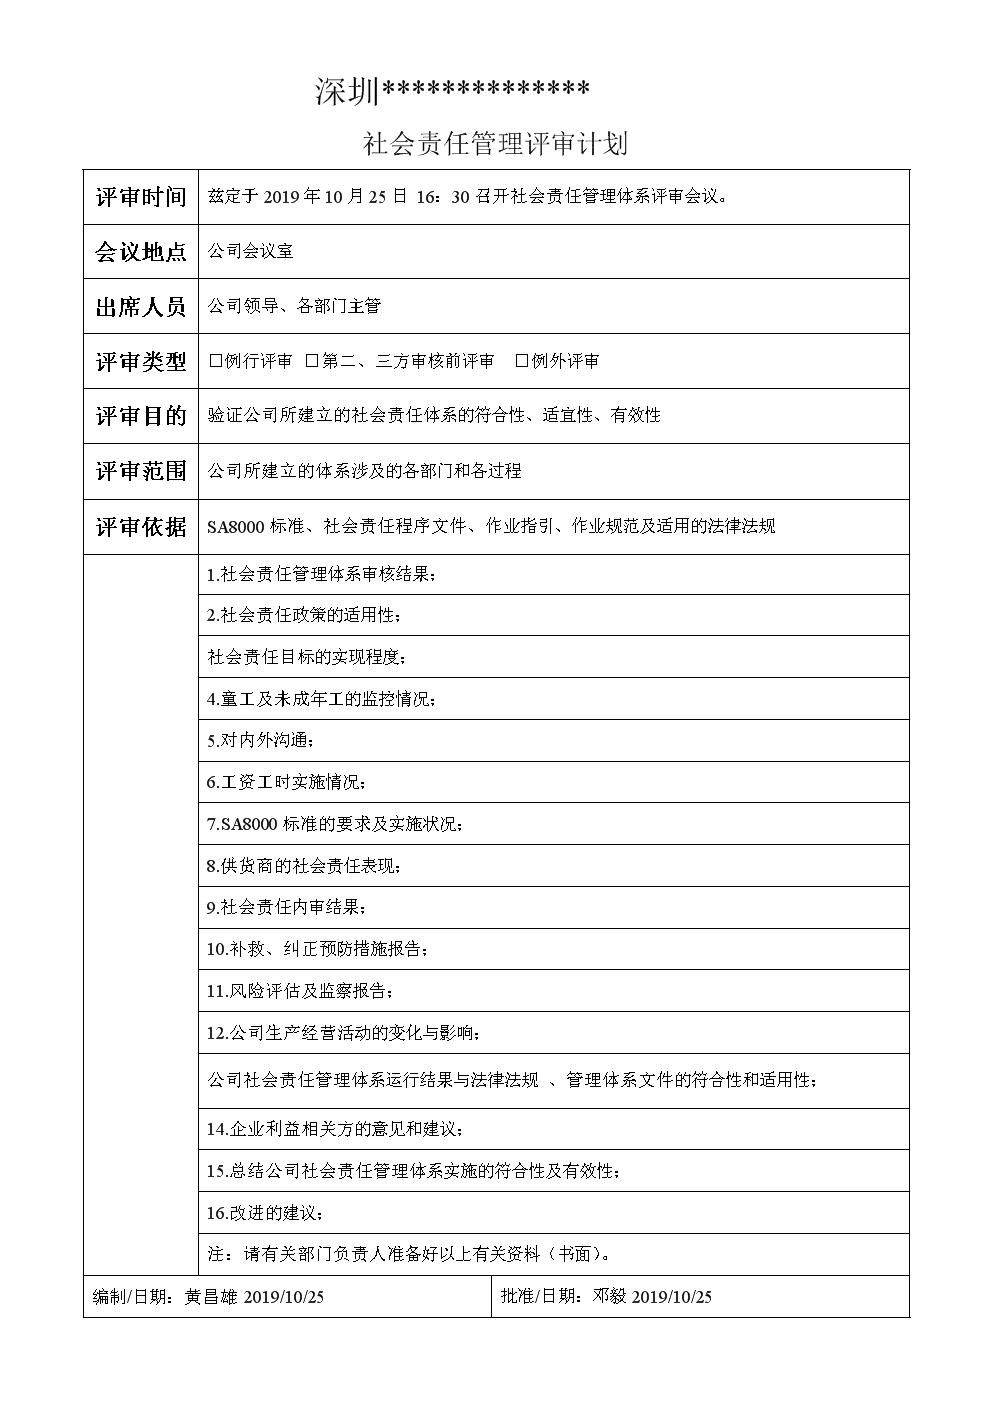 社会责任管理评审计划.doc